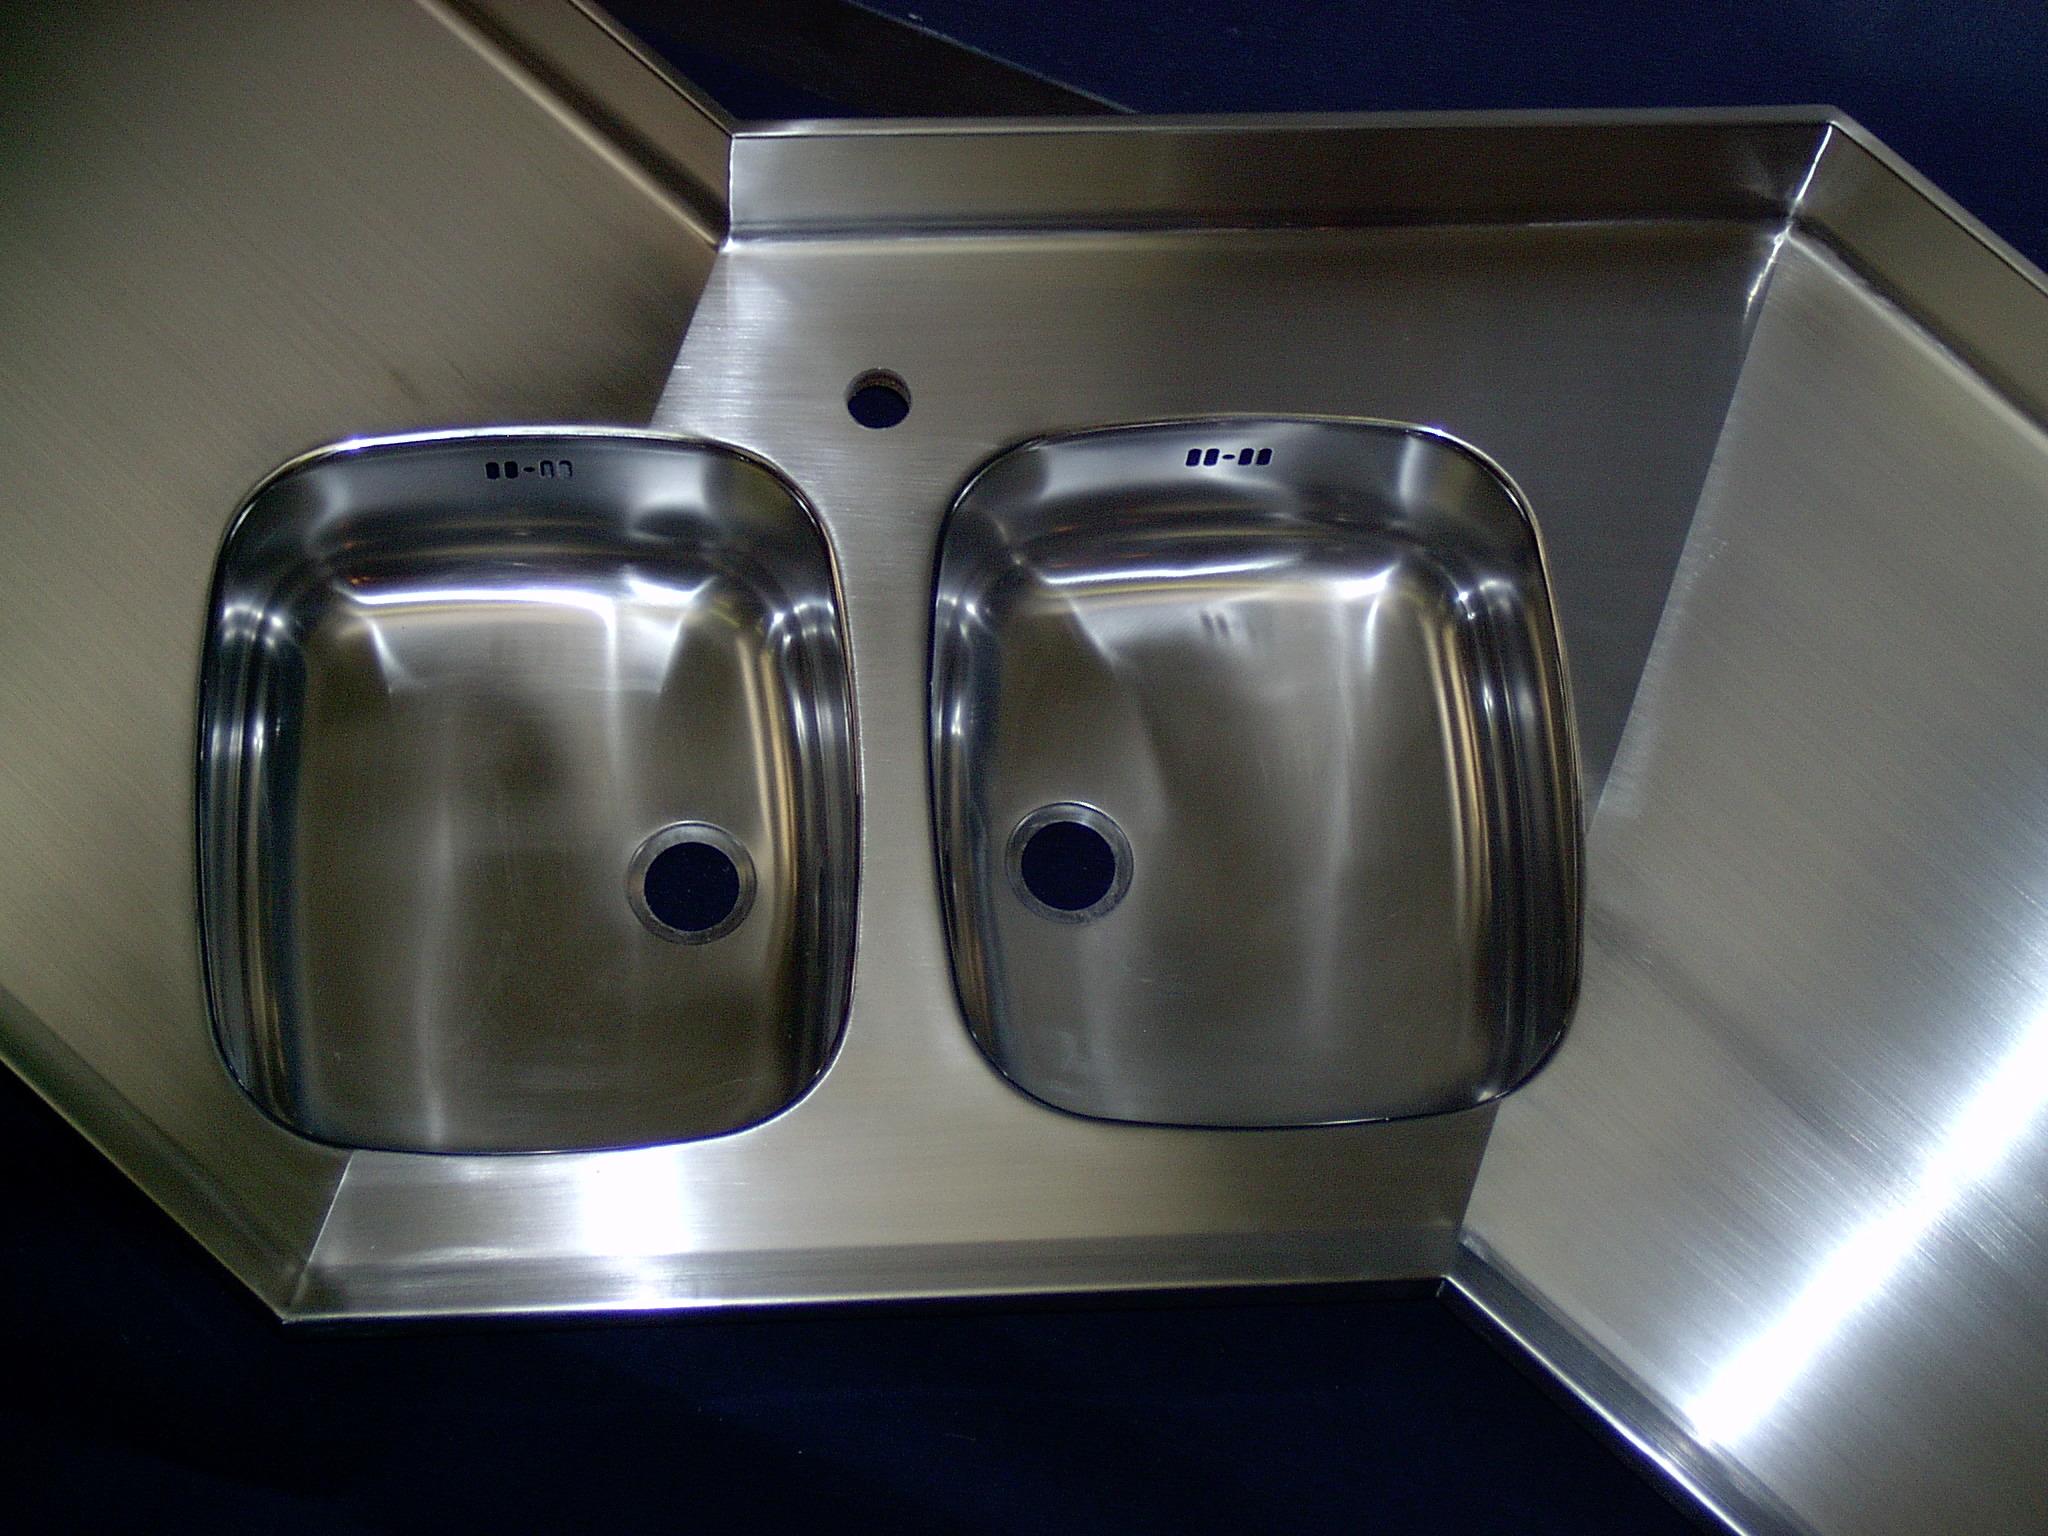 Isvejste stålvasker i rustfast børstet stålbordplade.